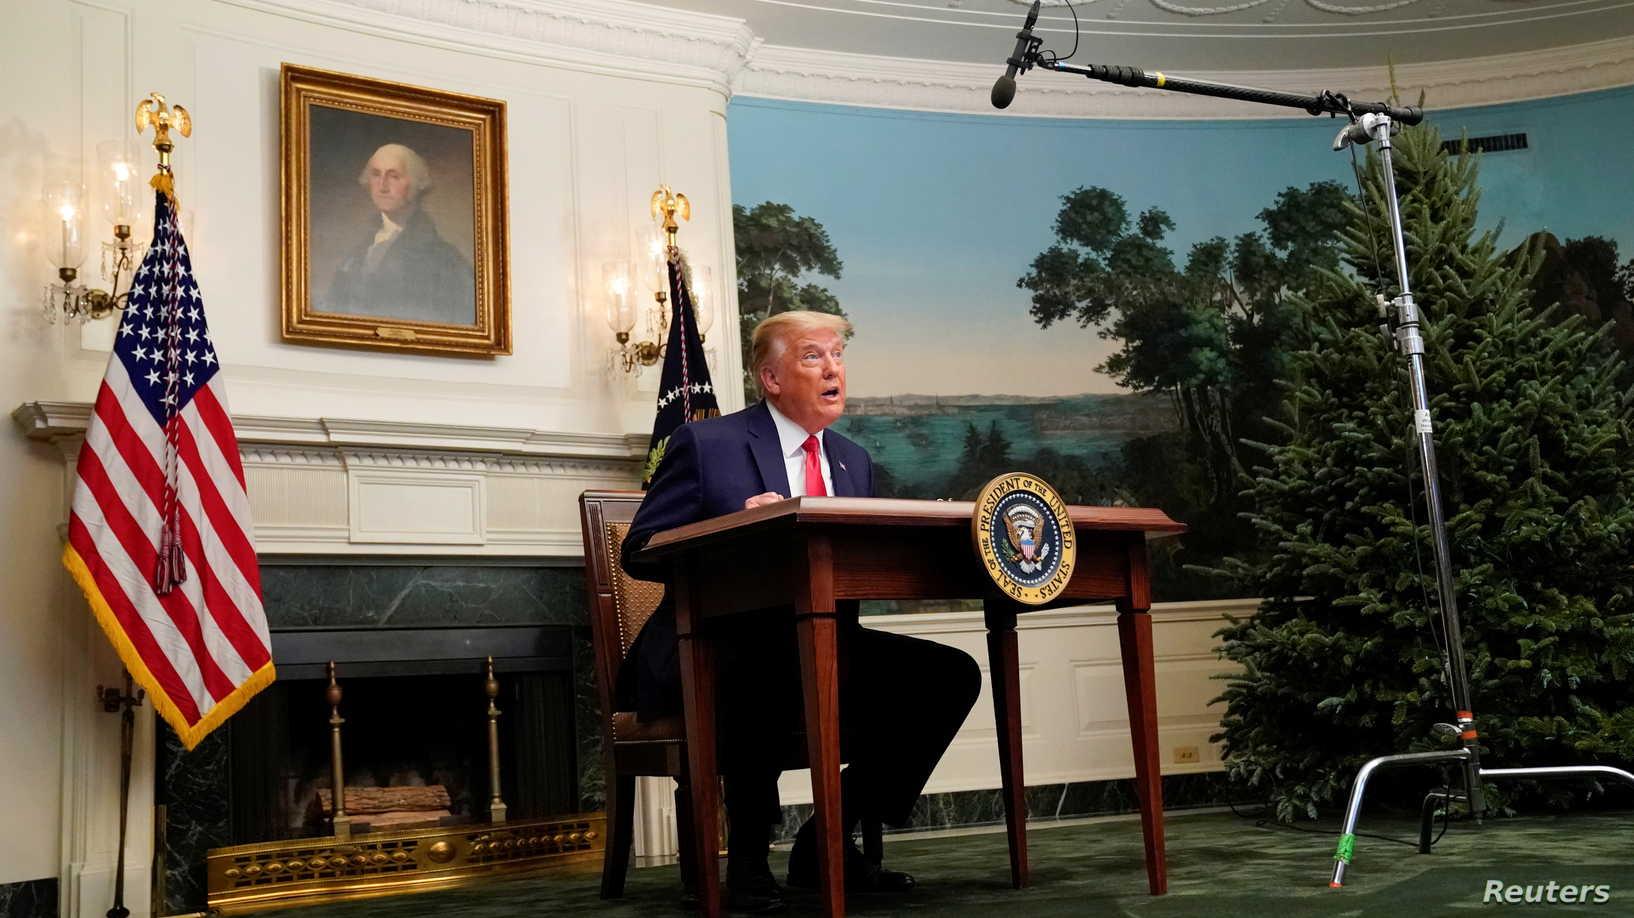 ترامب يطلق تحذيراً شديد اللهجة إلى إيران